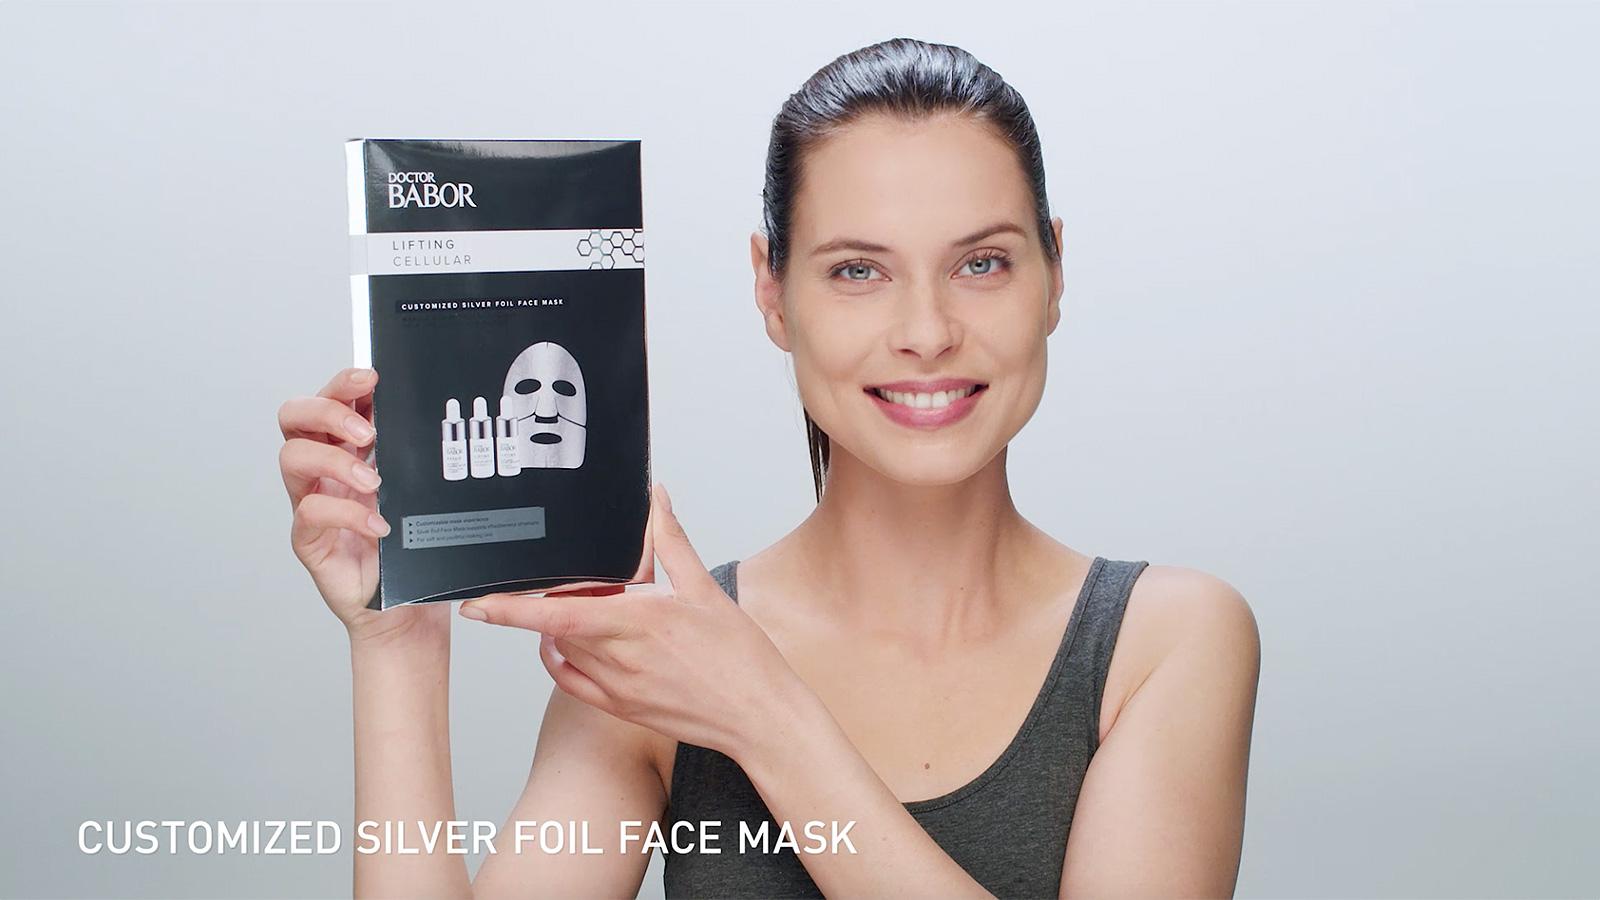 Doctor Babor Masken Kosmetik Und Hautpflege Online Kaufen Dr Hydro Cellular Hyaluron Cream 50 Ml Serum 30